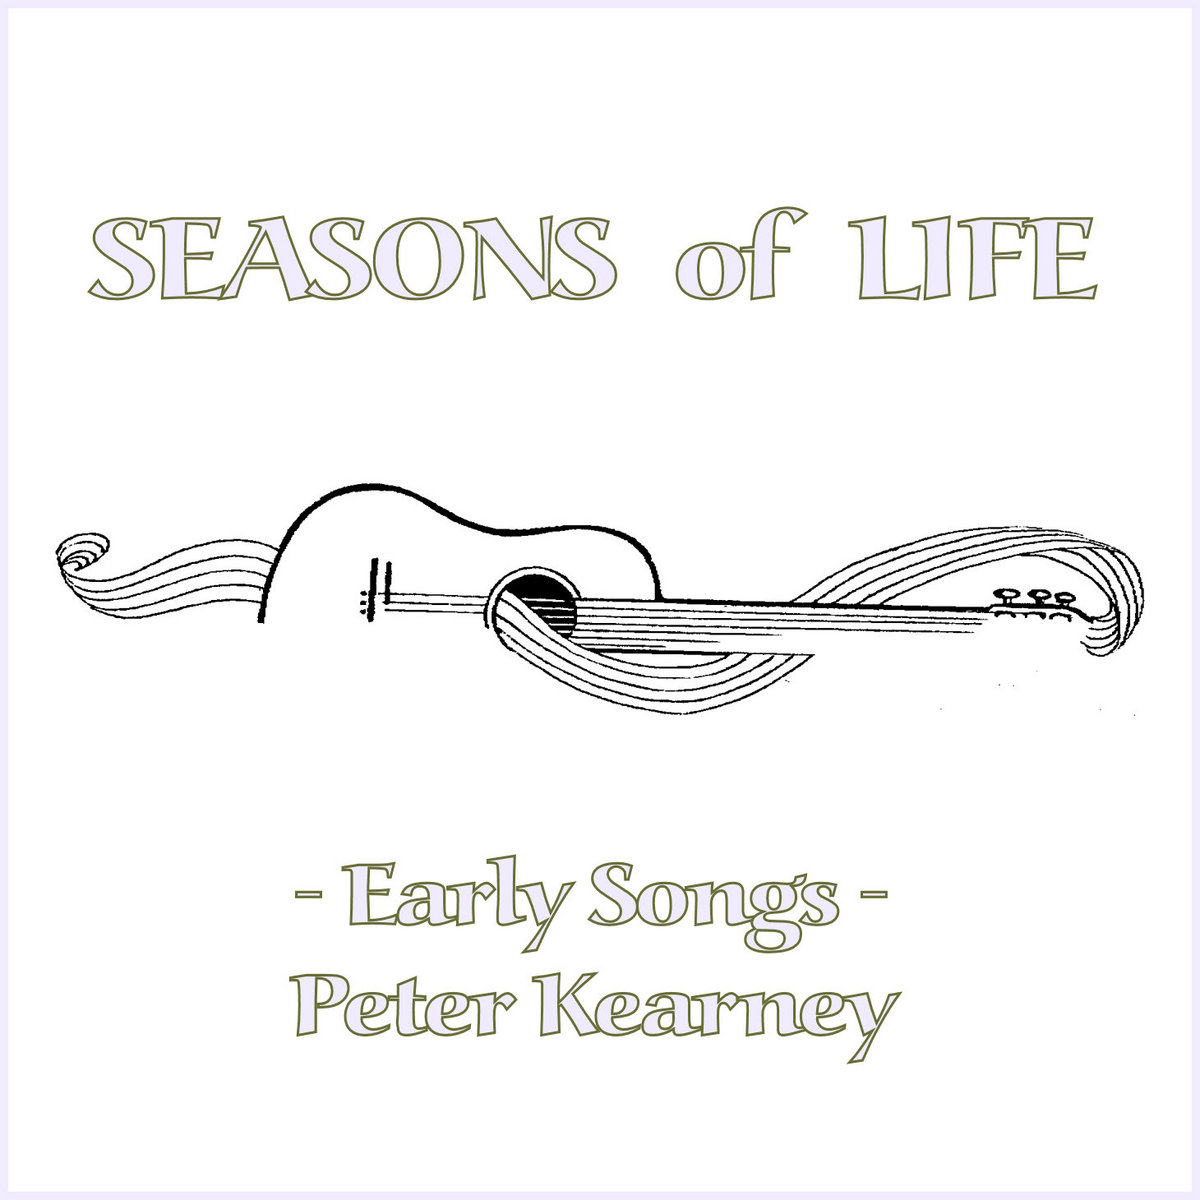 #13 SEASONS OF LIFE by Peter Kearney